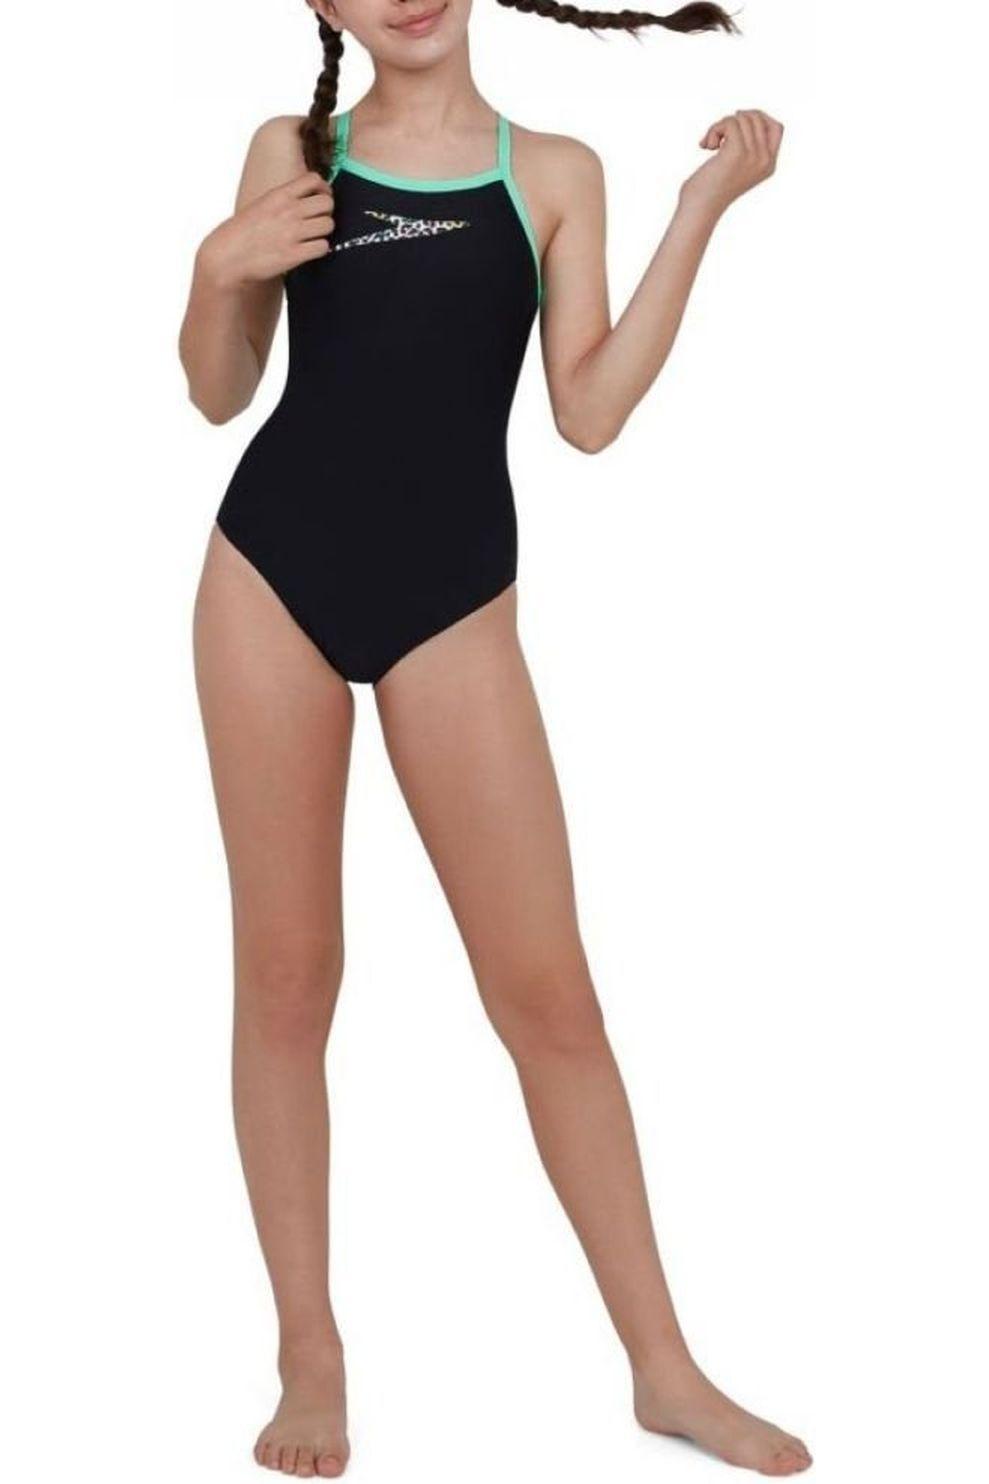 Speedo Badpak Boom Placem Thinst Muscleb voor meisjes - Zwart/Groen - Maten: 140, 152, 164, 176